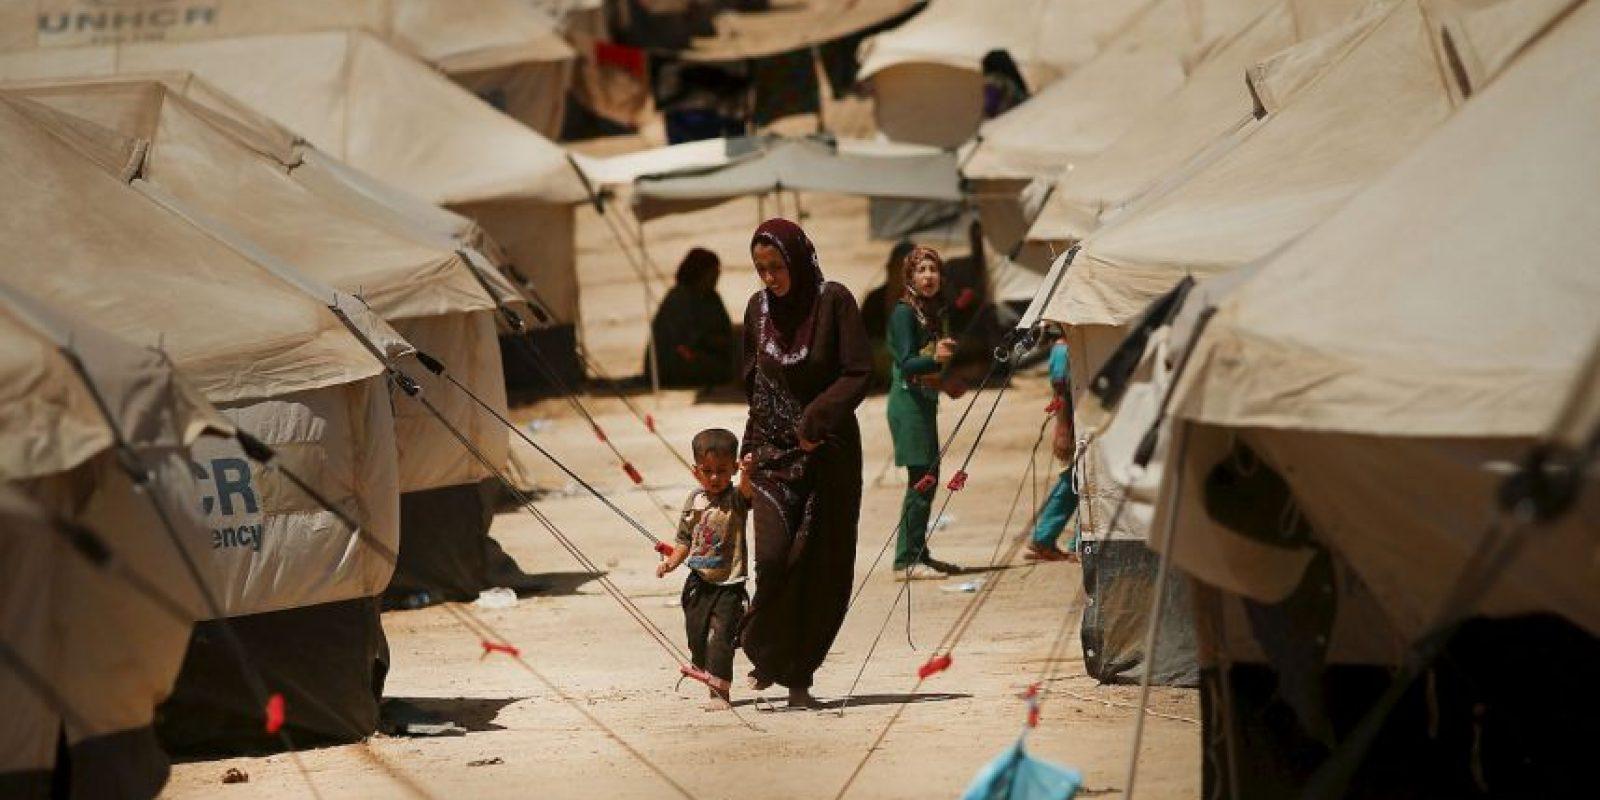 El Estado Islámico de Irak fue responsable de la muerte de miles de civiles iraquíes, así como de miembros del gobierno iraquí y sus aliados internacionales. Foto:Getty Images